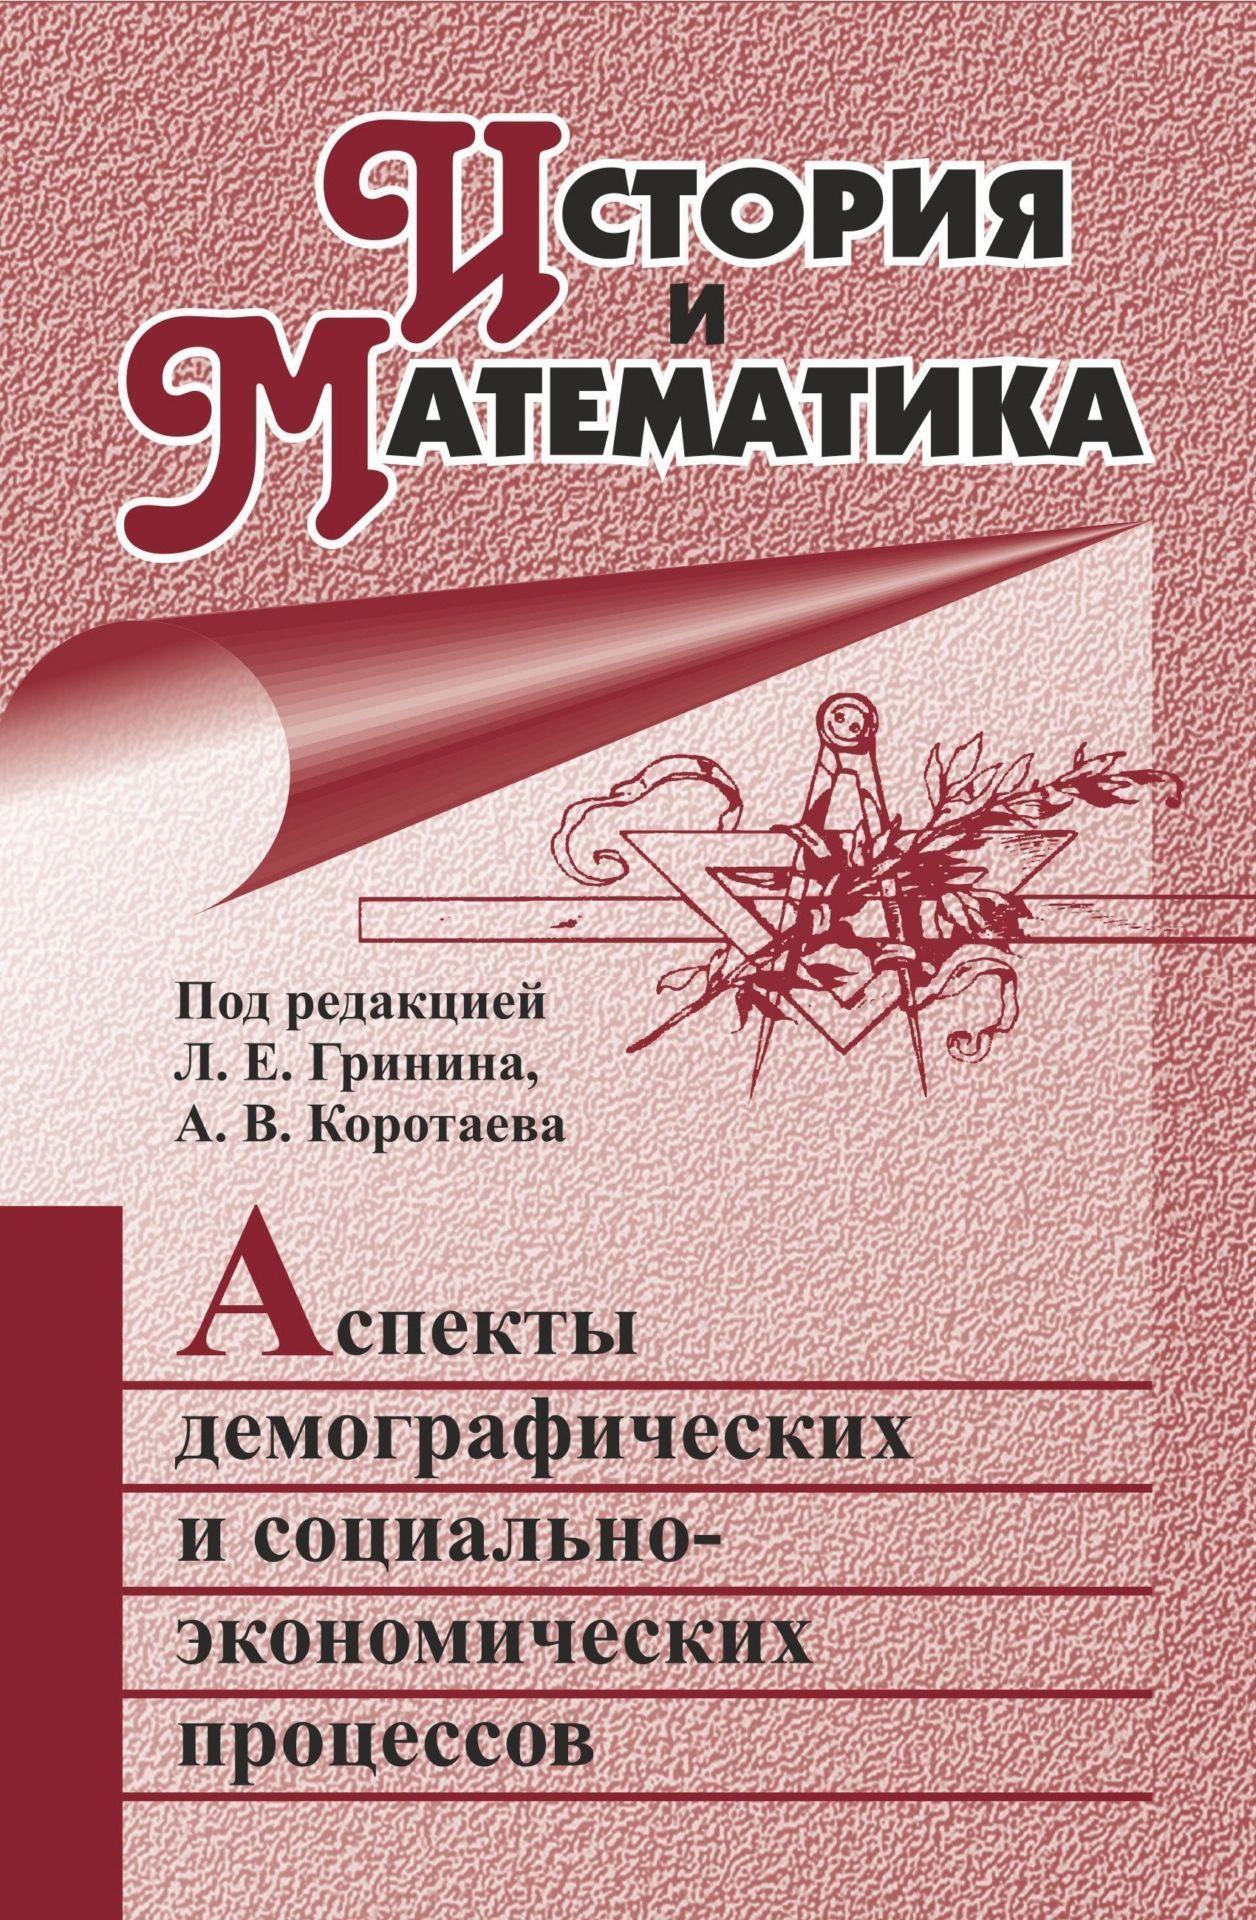 История и Математика: аспекты демографических и социально-экономических процессов: ежегодник